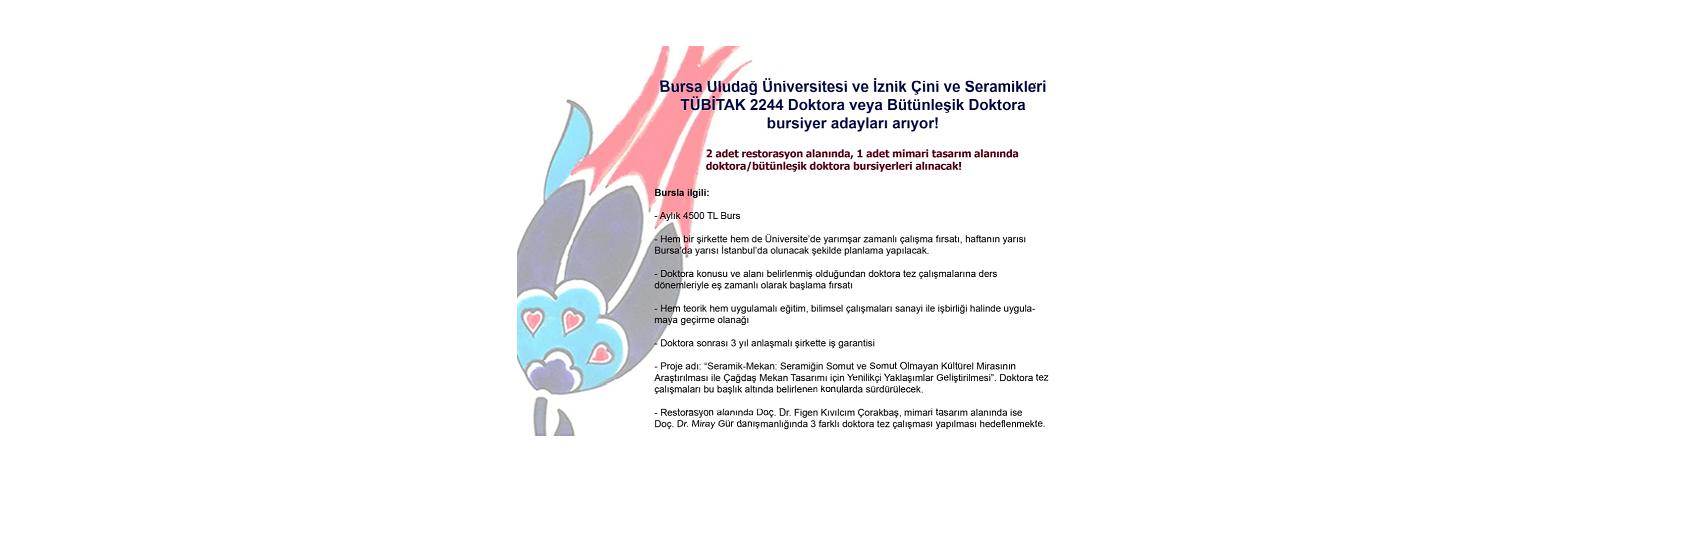 MİMARLIK DOKTORA ÖĞRENCİ BURSU / 4500 TL/ay